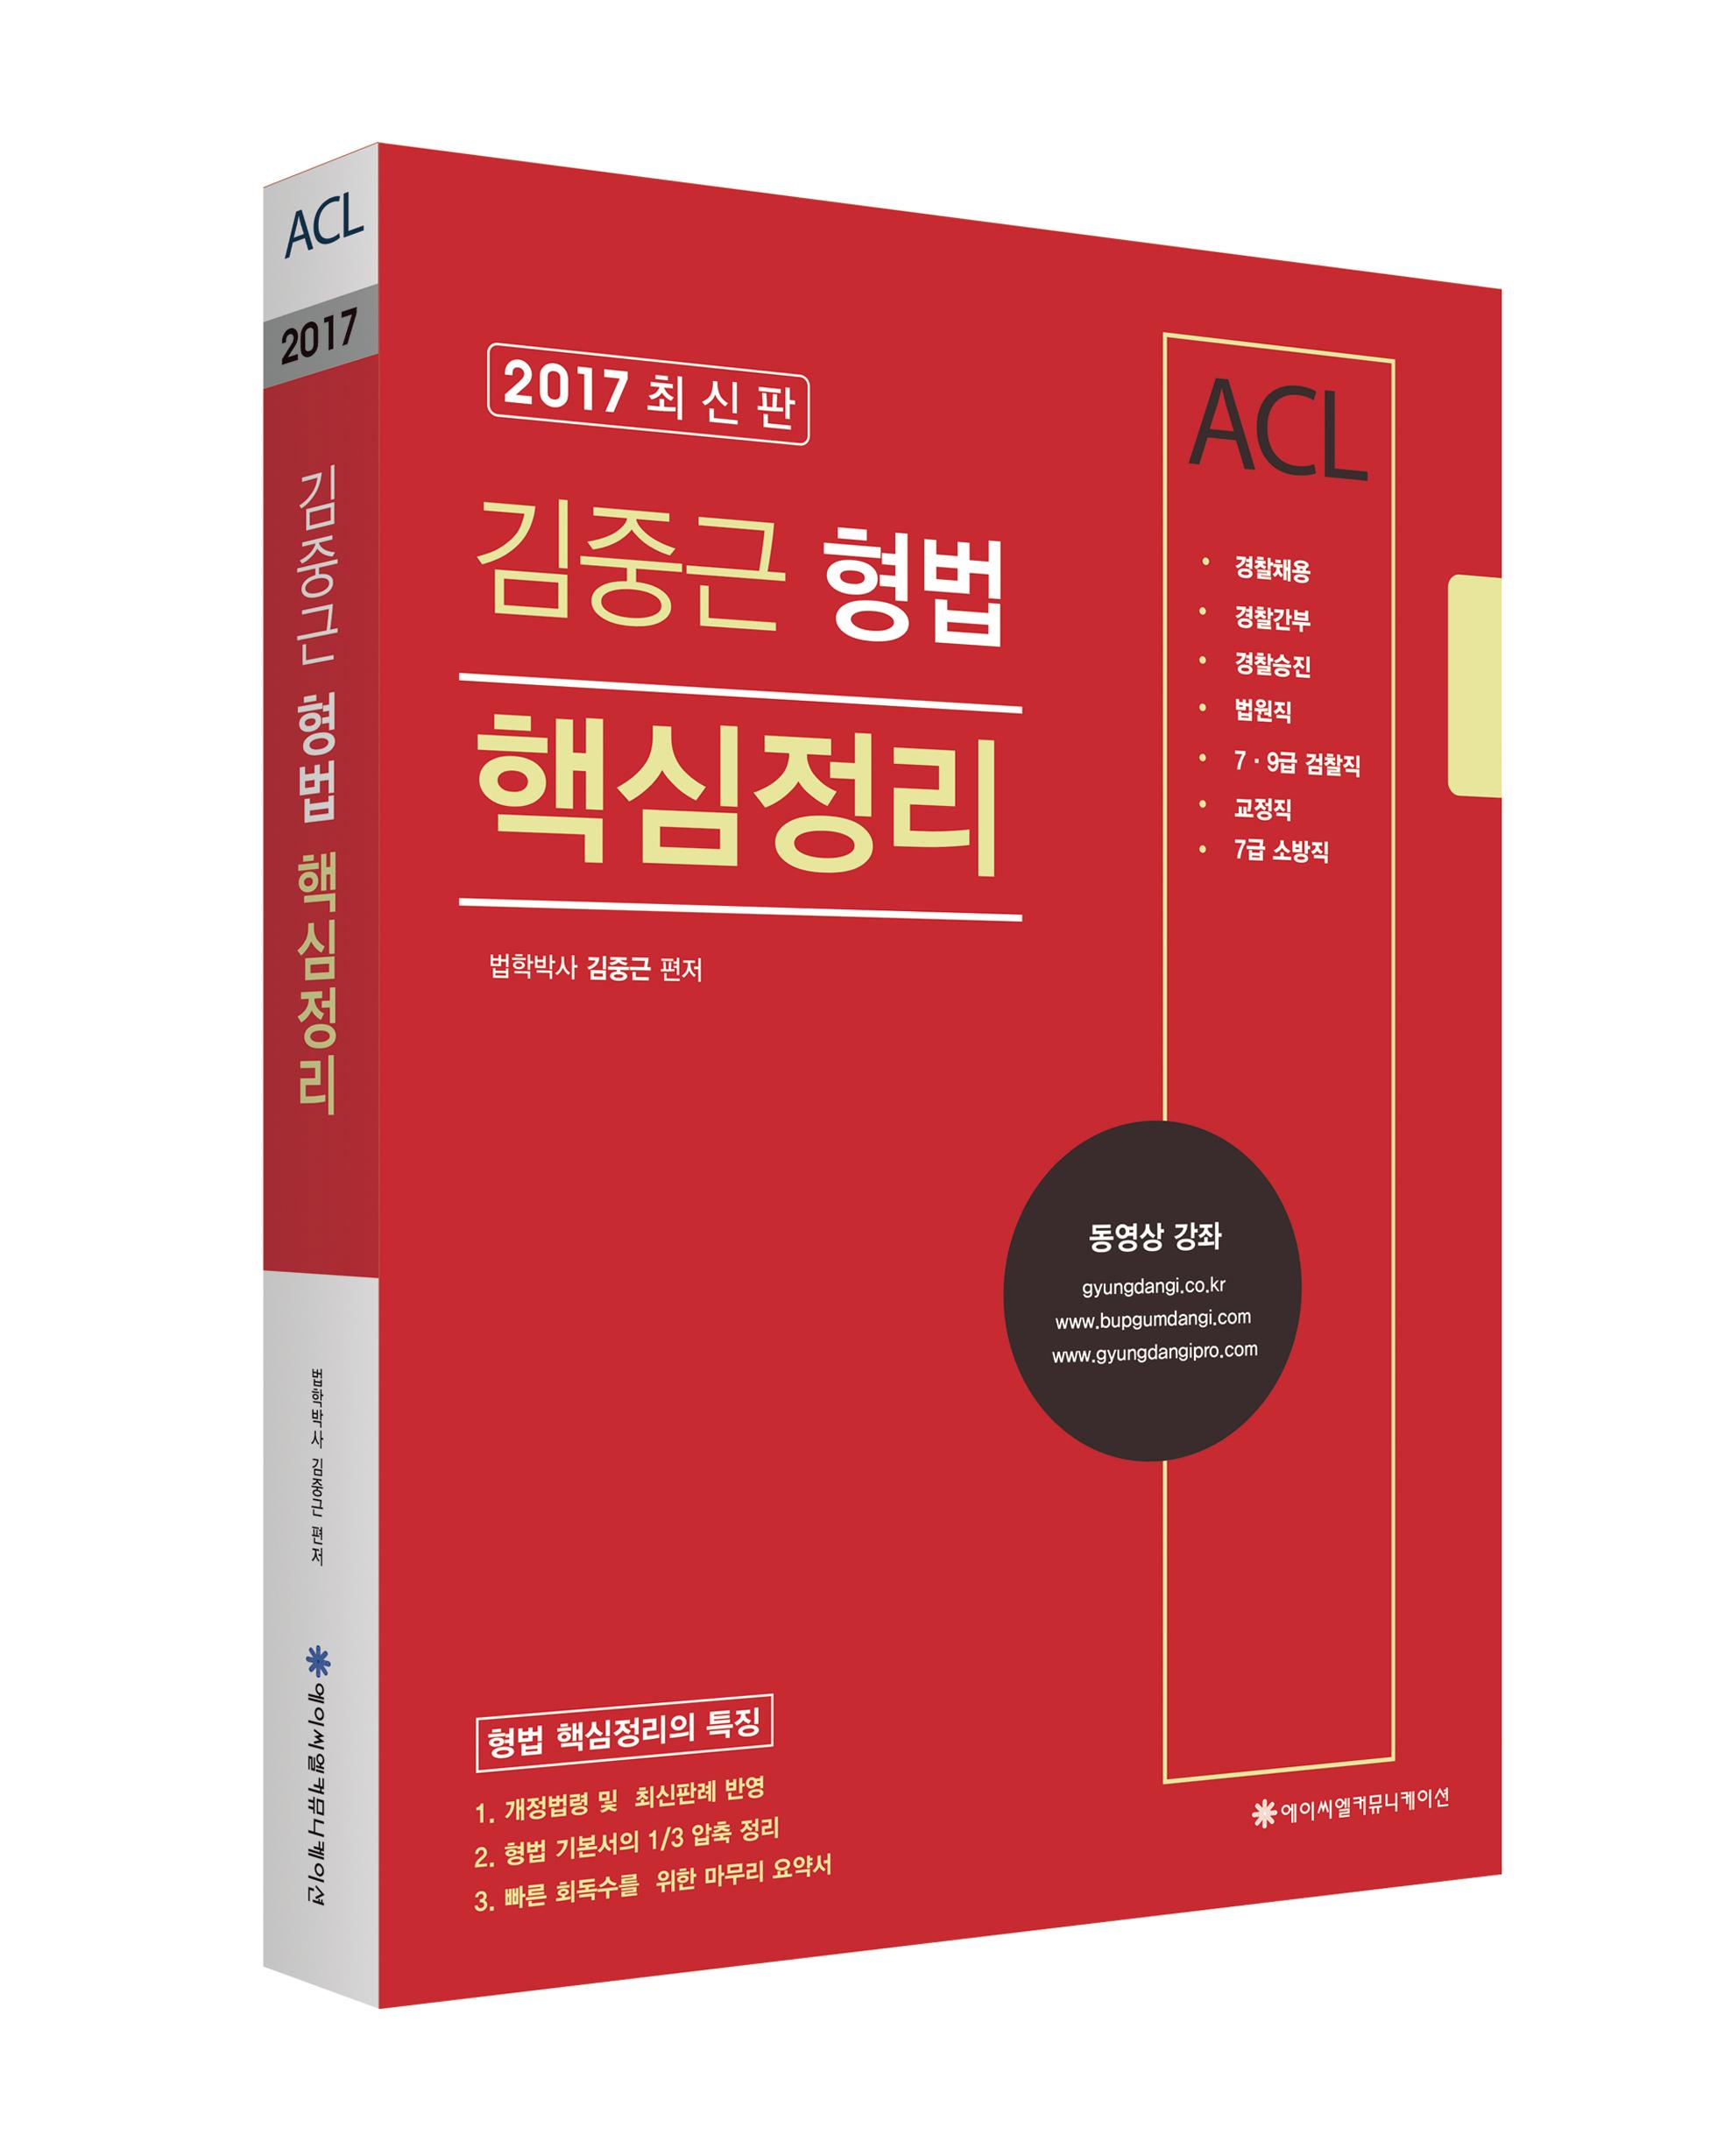 2017 ACL 김중근 형법 핵심정리